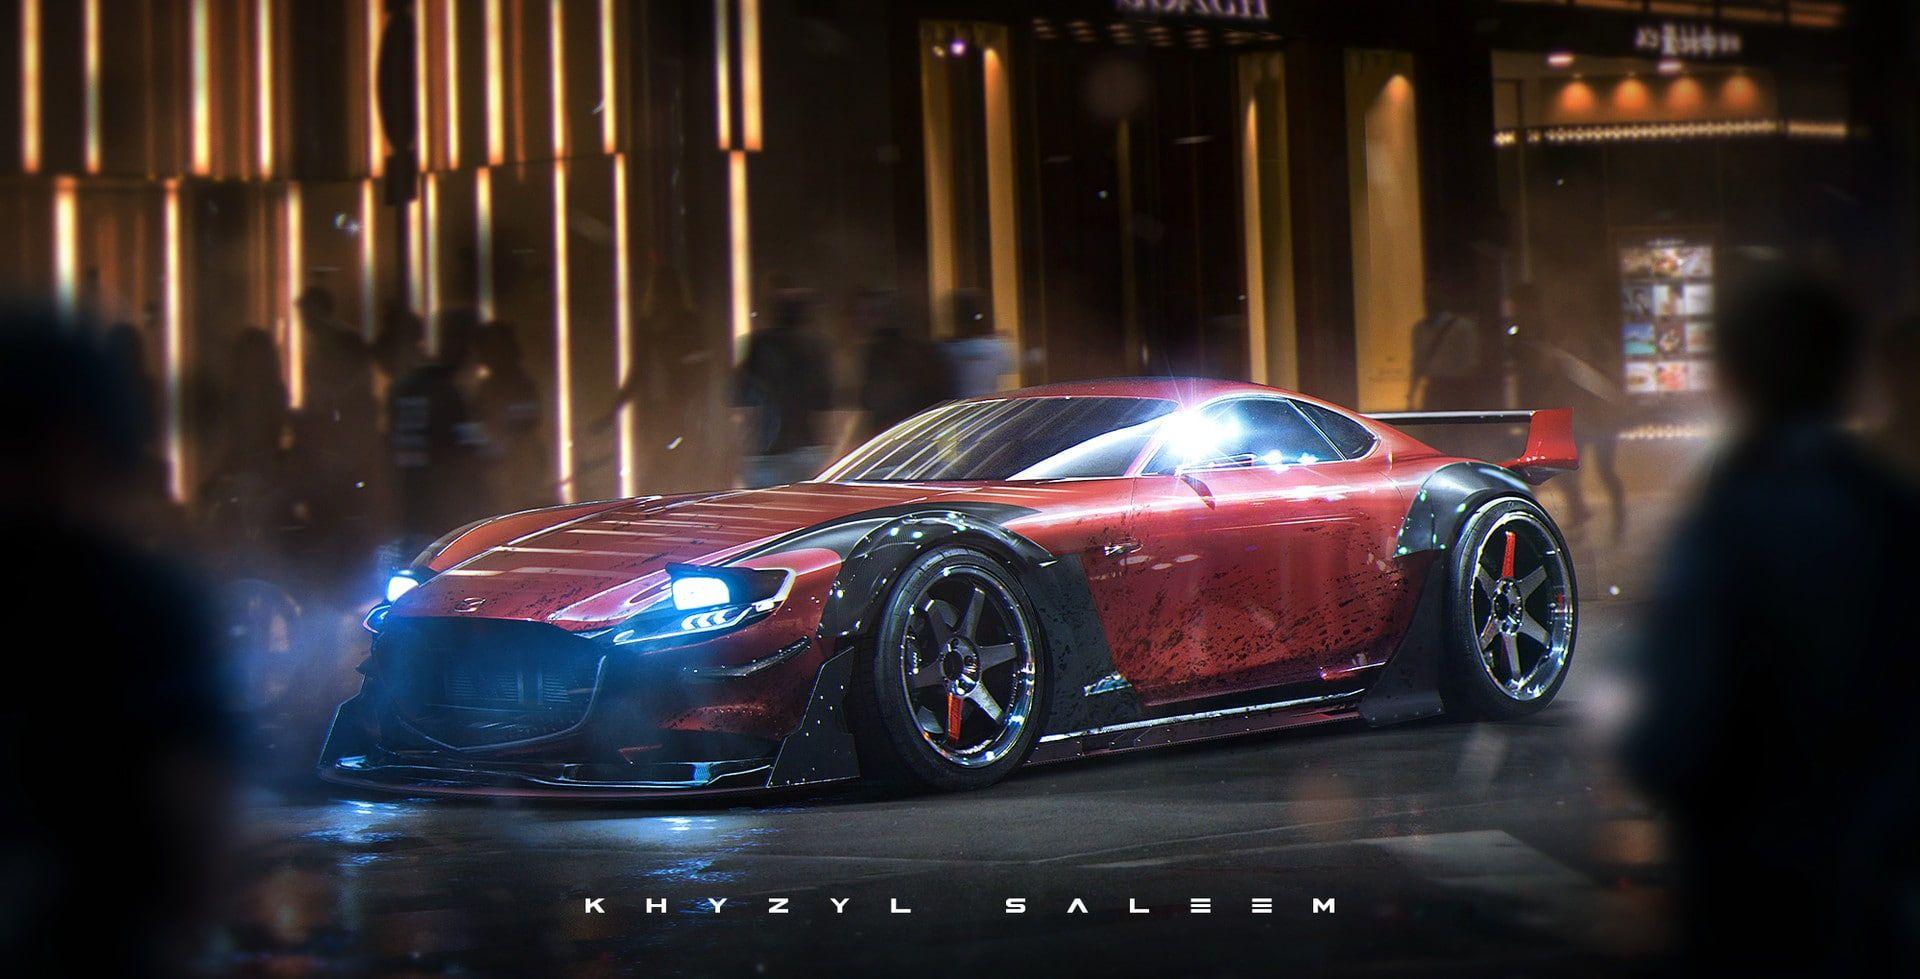 Car Mazda Rx Vision Khyzyl Saleem 1080p Wallpaper Hdwallpaper Desktop Concept Cars Super Cars Car Wallpapers